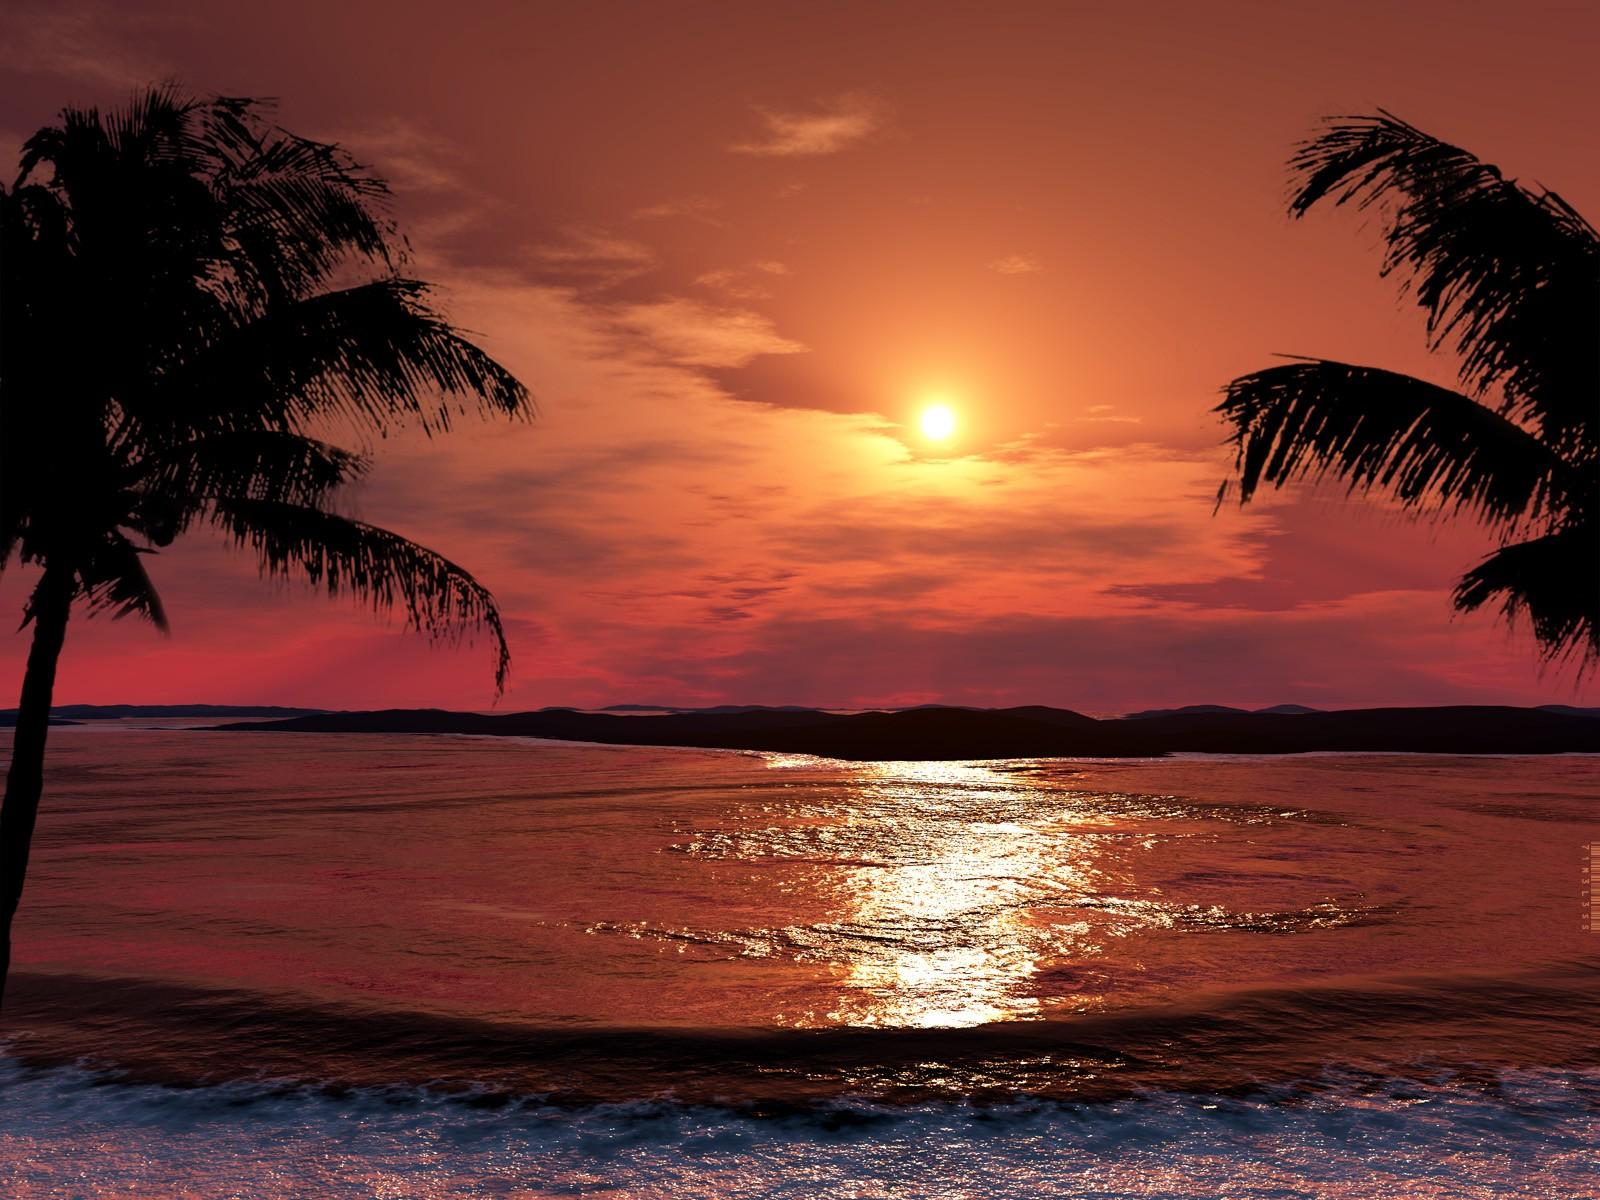 Wallpaper Sinar Matahari Matahari Terbenam Laut Pantai